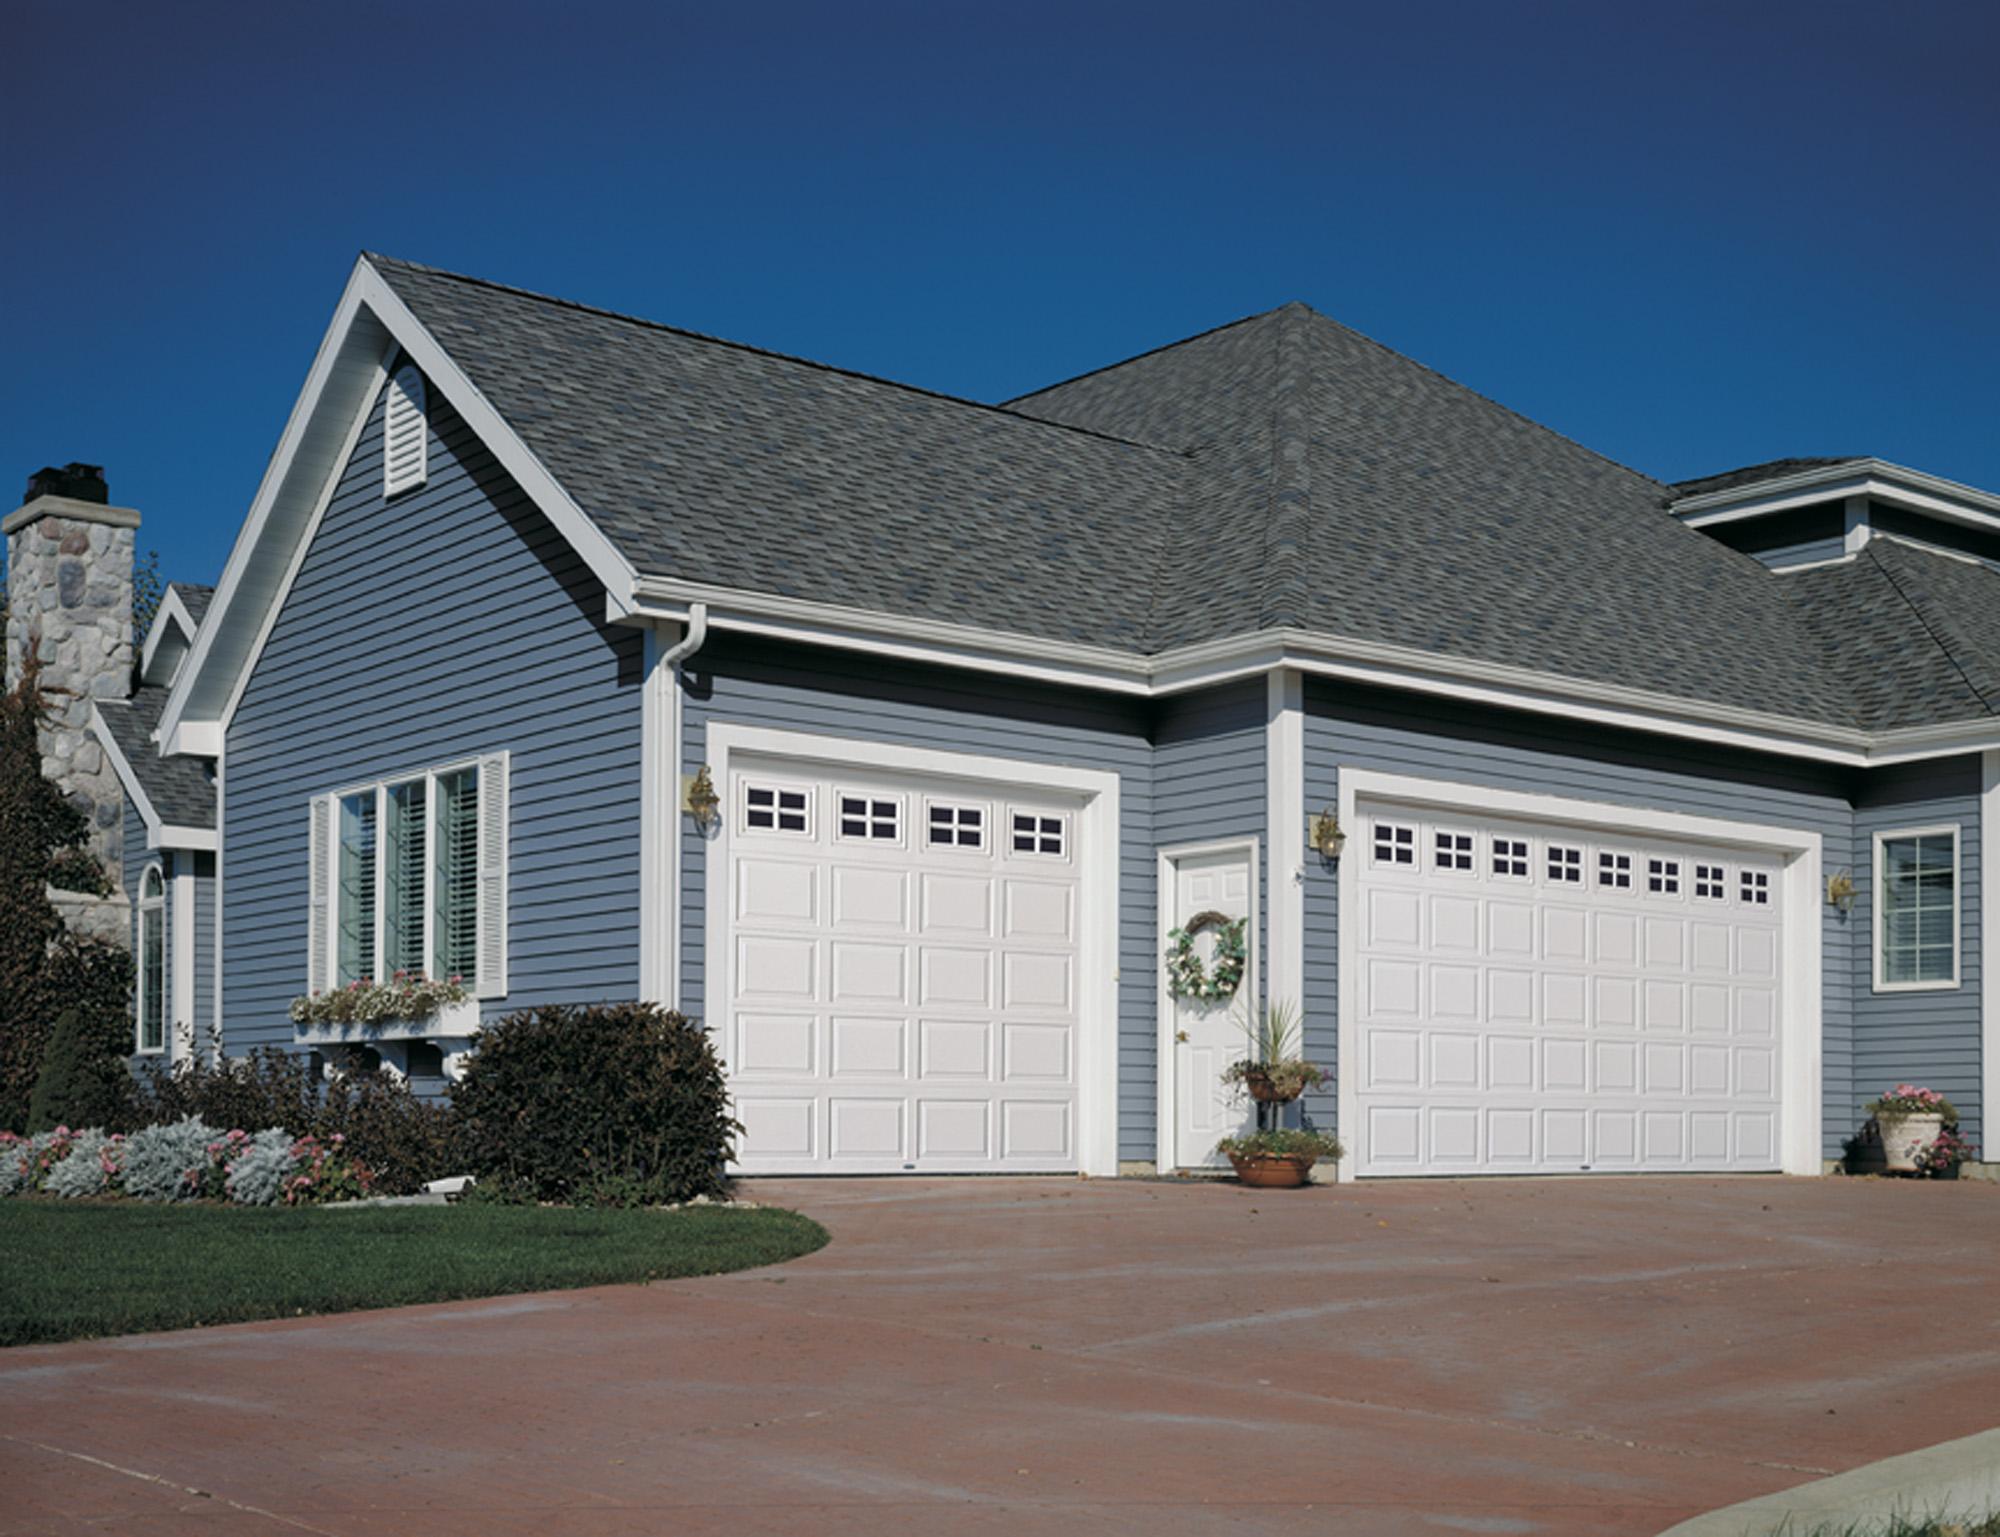 1537 #264872 Relante Omaha Door & Window wallpaper Residential Garage Doors 38052000